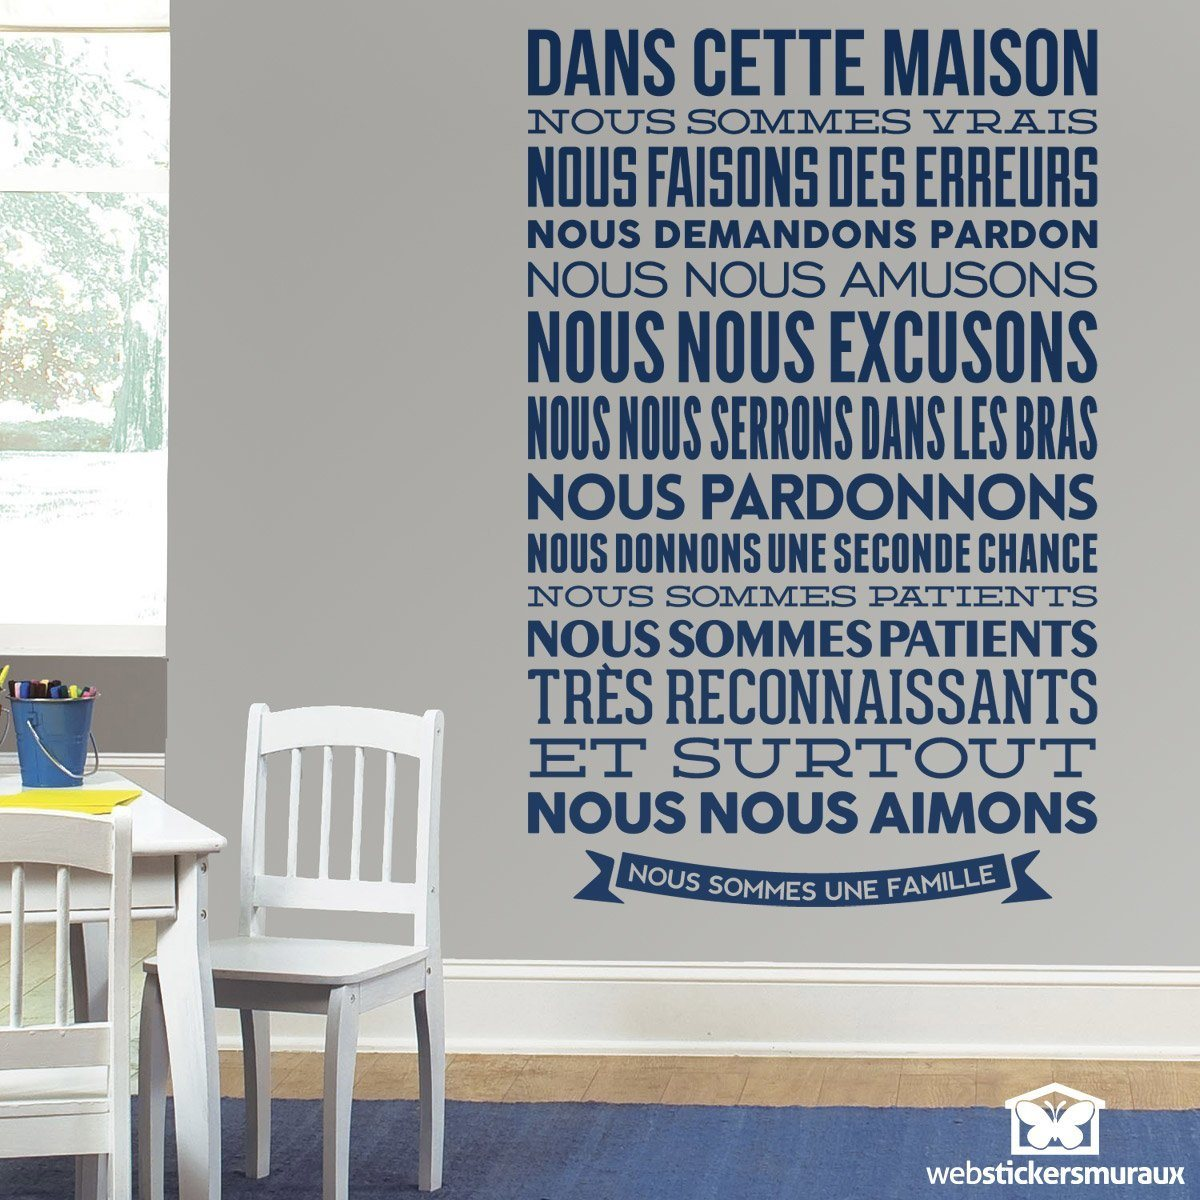 stickers muraux dans cette maison nous sommes vrais. Black Bedroom Furniture Sets. Home Design Ideas